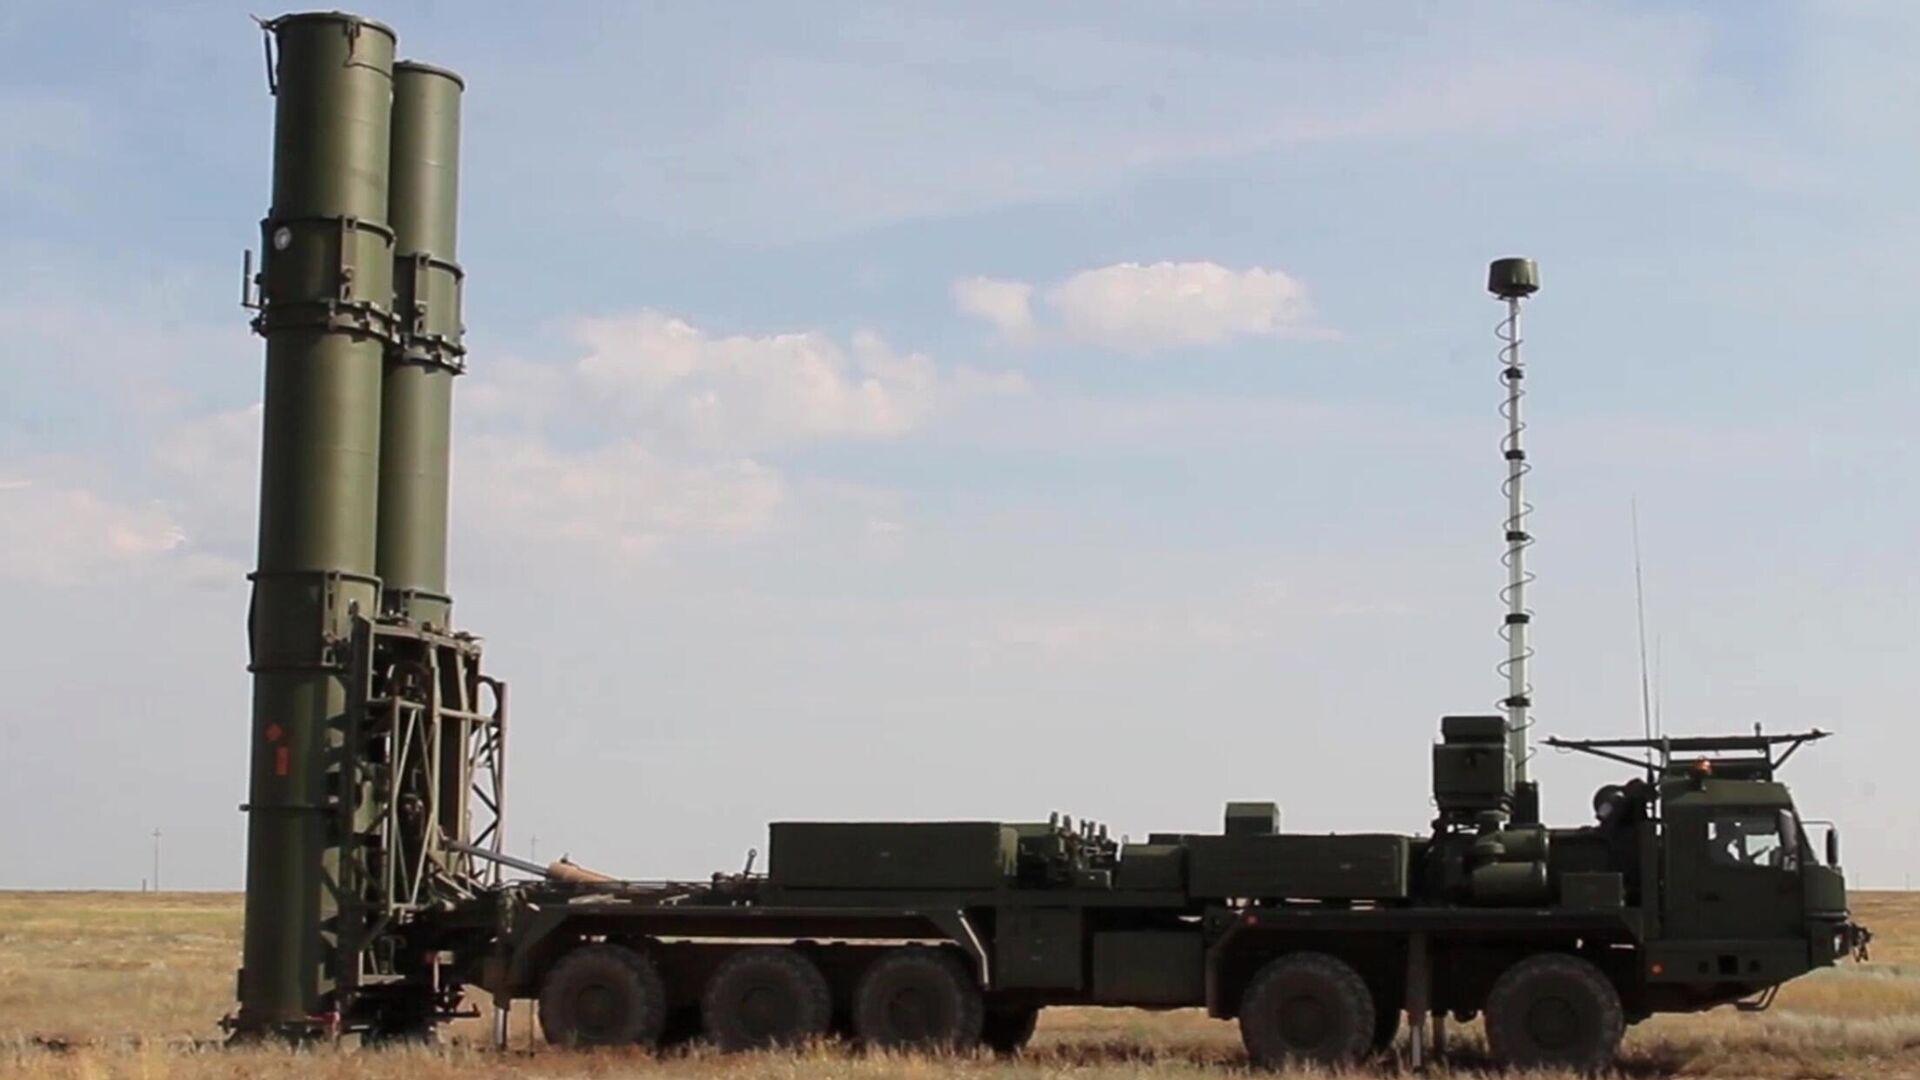 Новейшая зенитная ракетная система С-500 на полигоне Капустин Яр - РИА Новости, 1920, 04.08.2021